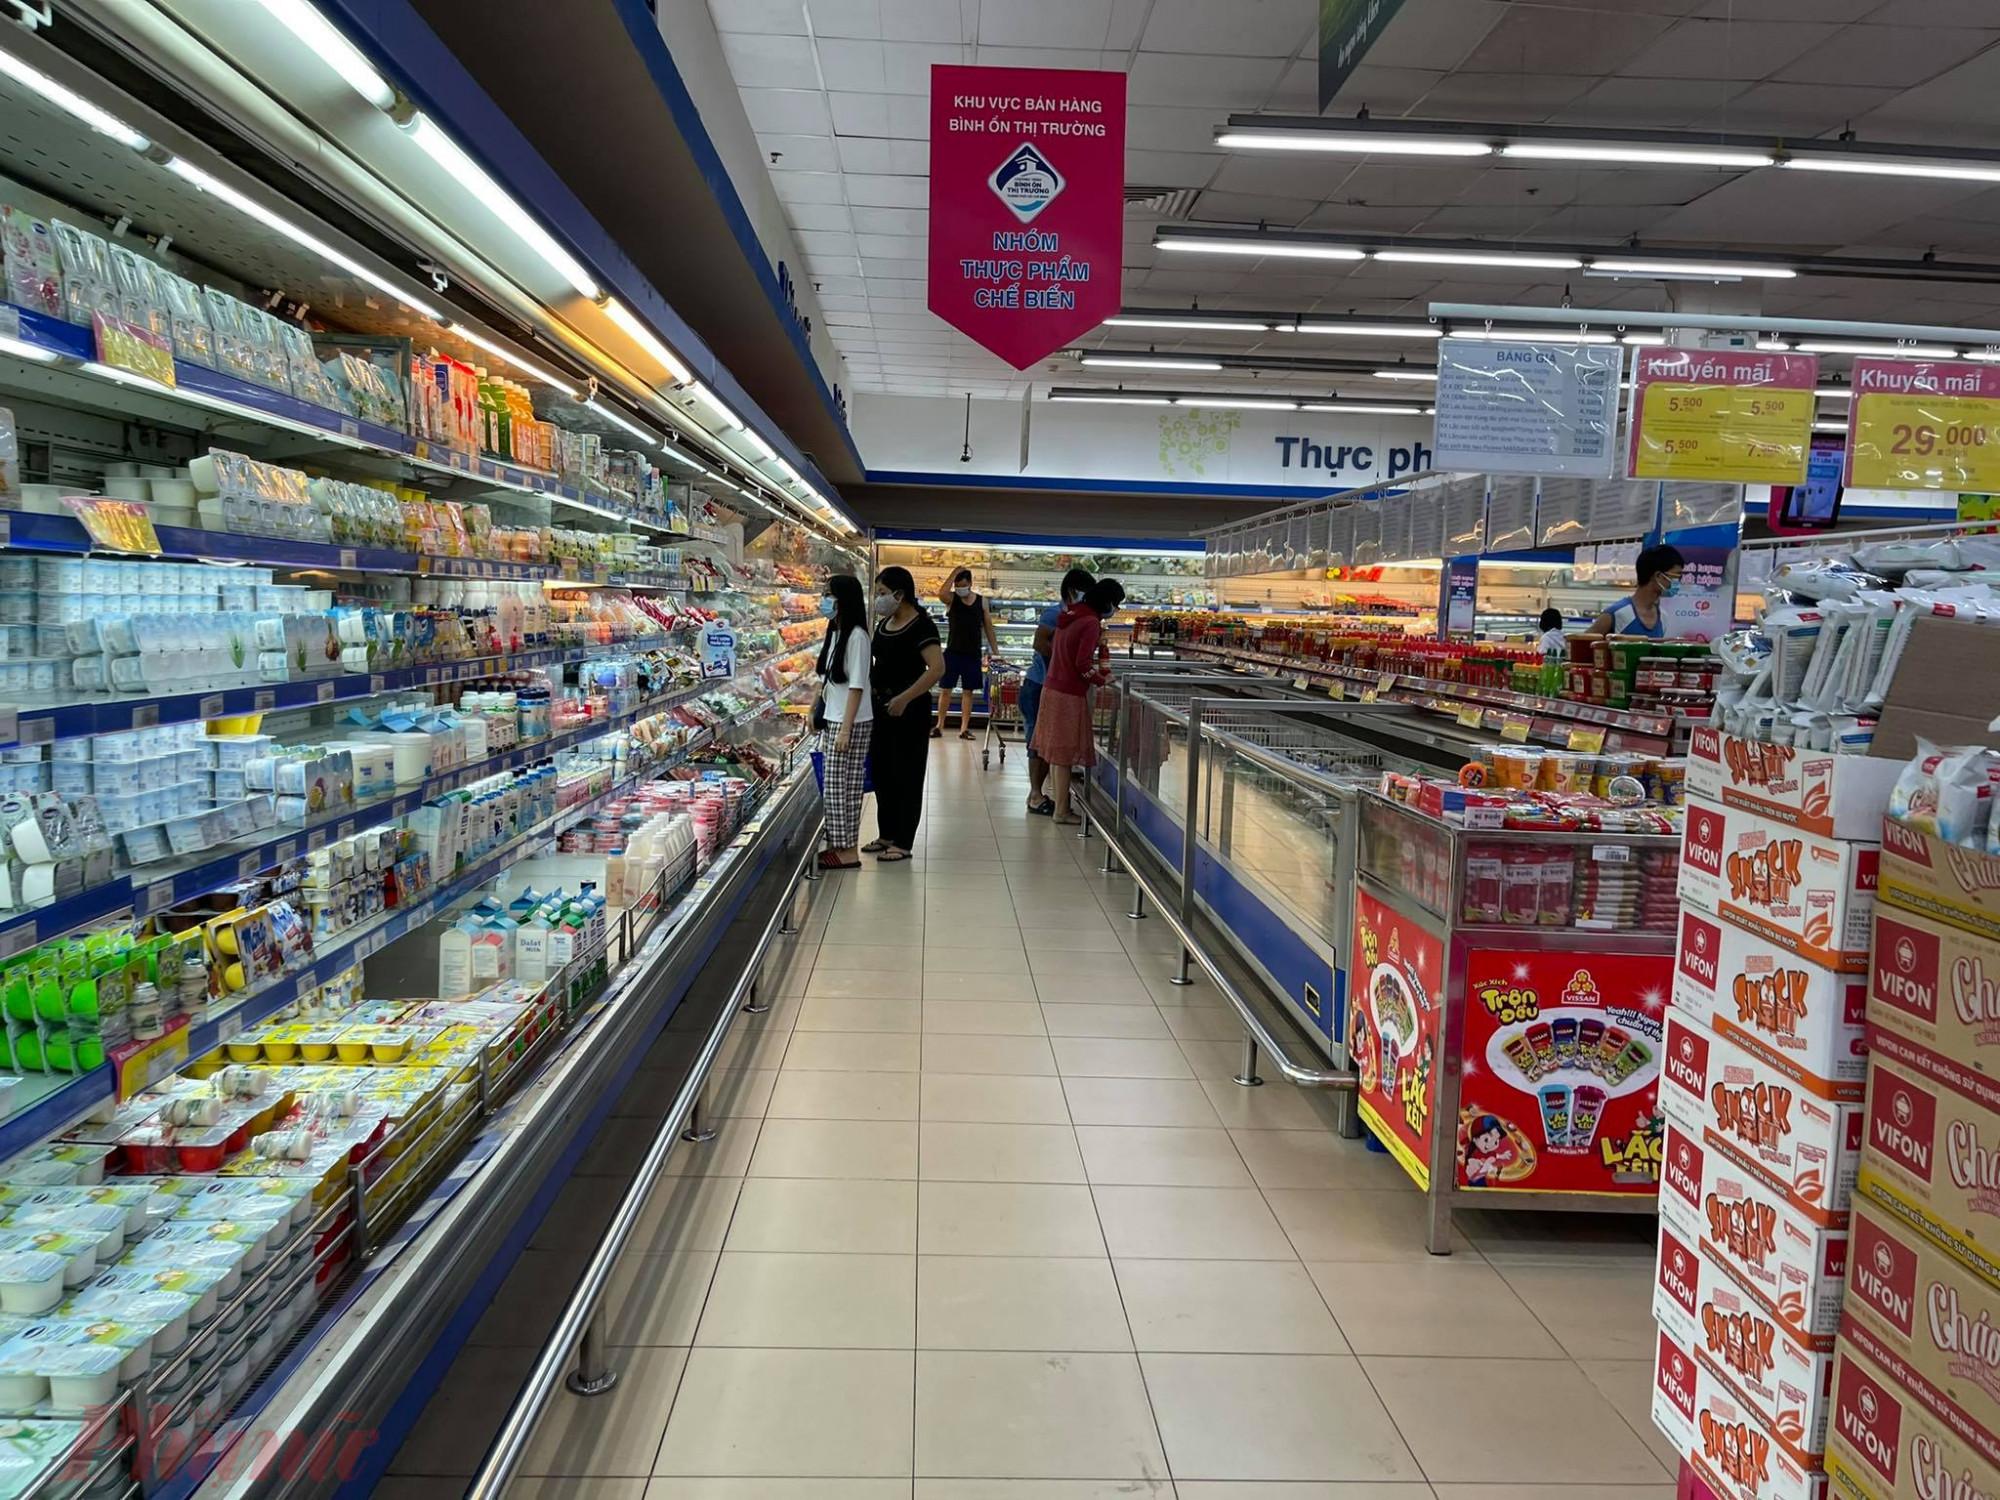 Chỉ trừ Emart khá đông, một số siêu thị khác tại Q.Gò Vấp khác vắng khách do mọi người sợ dịch bệnh. Lượng khách vào giờ cao điểm ngày tối 18/4 tại siêu thị Co.opMart chỉ lác đác vài người.